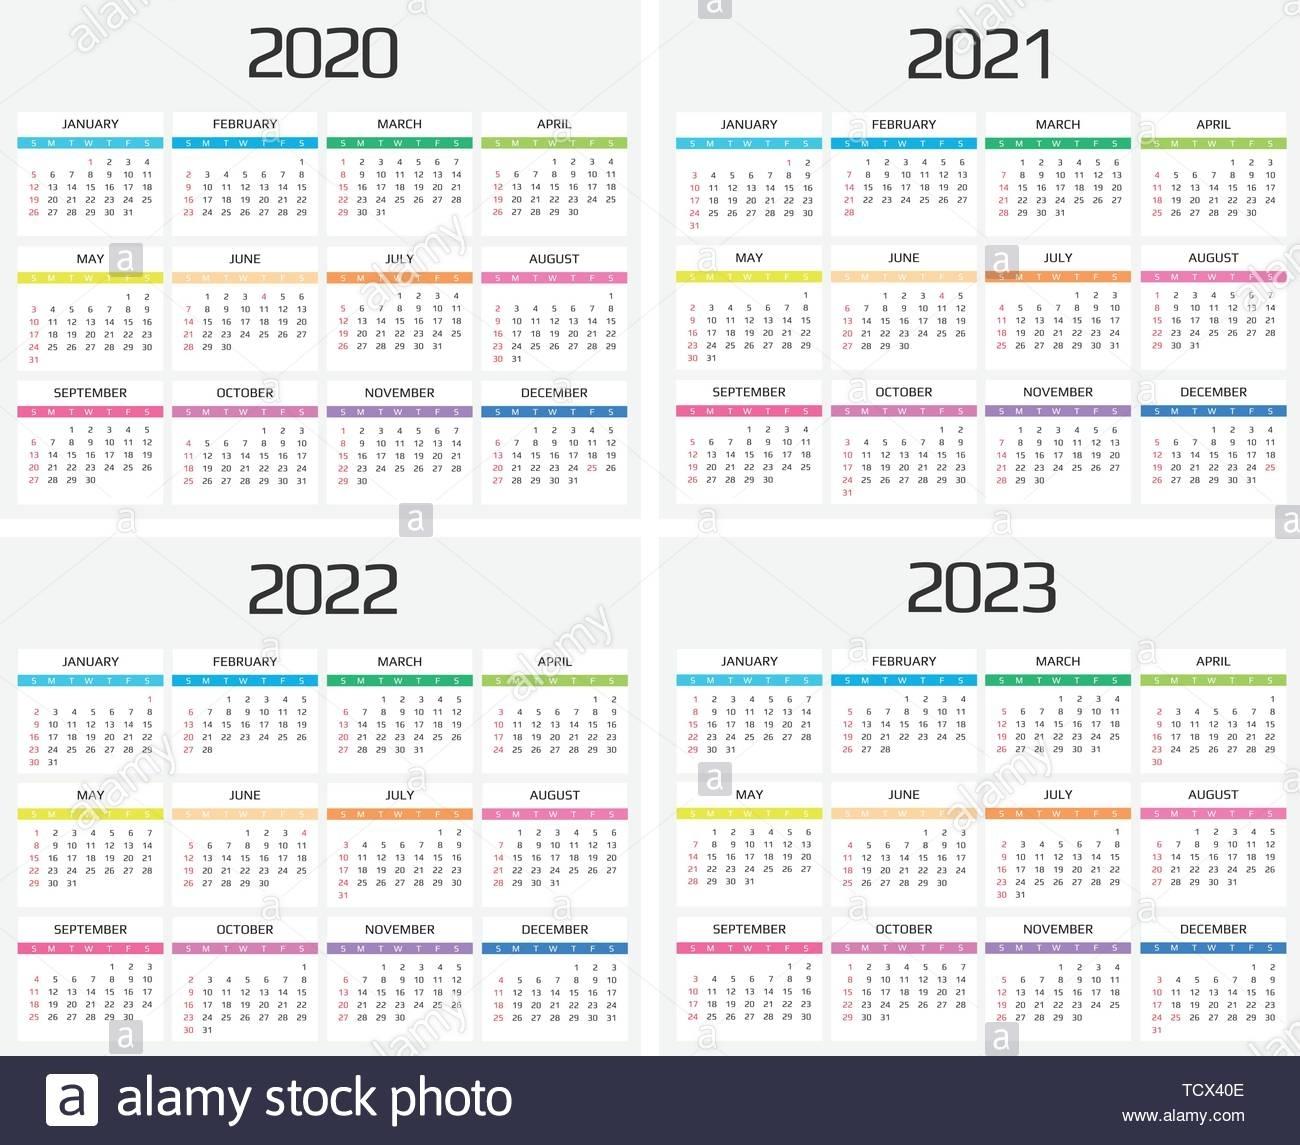 Calendar 2020, 2021, 2022, 2023 Template. 12 Months. Include regarding Calendars 2019 2020 2021 2022 2023